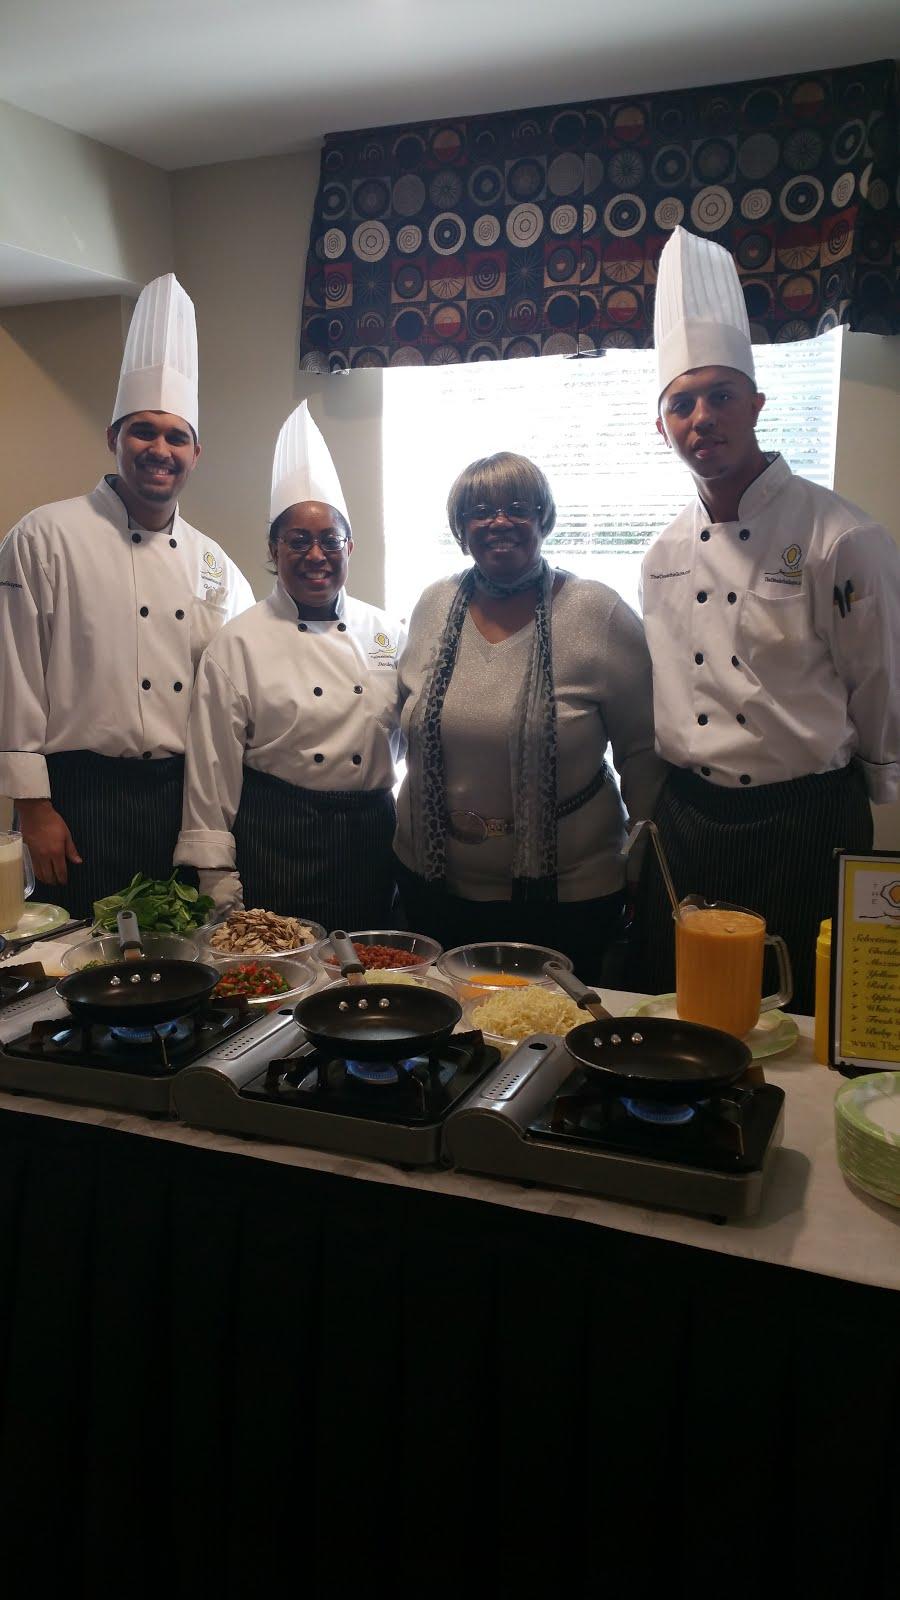 The Omelette Guys